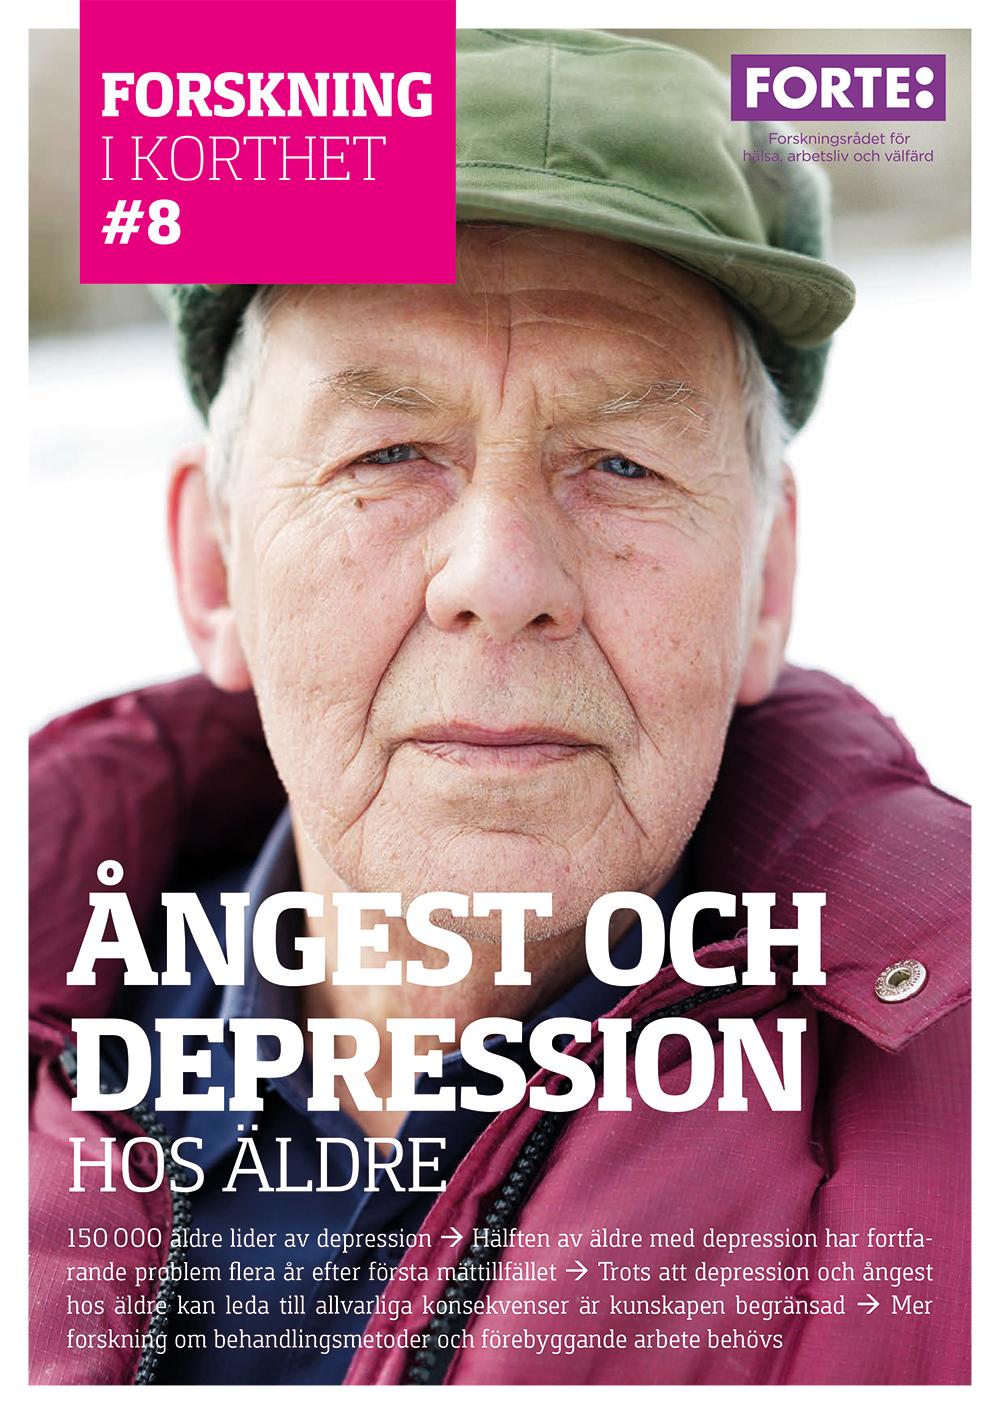 Forskning i korthet: Ångest och depression hos äldre